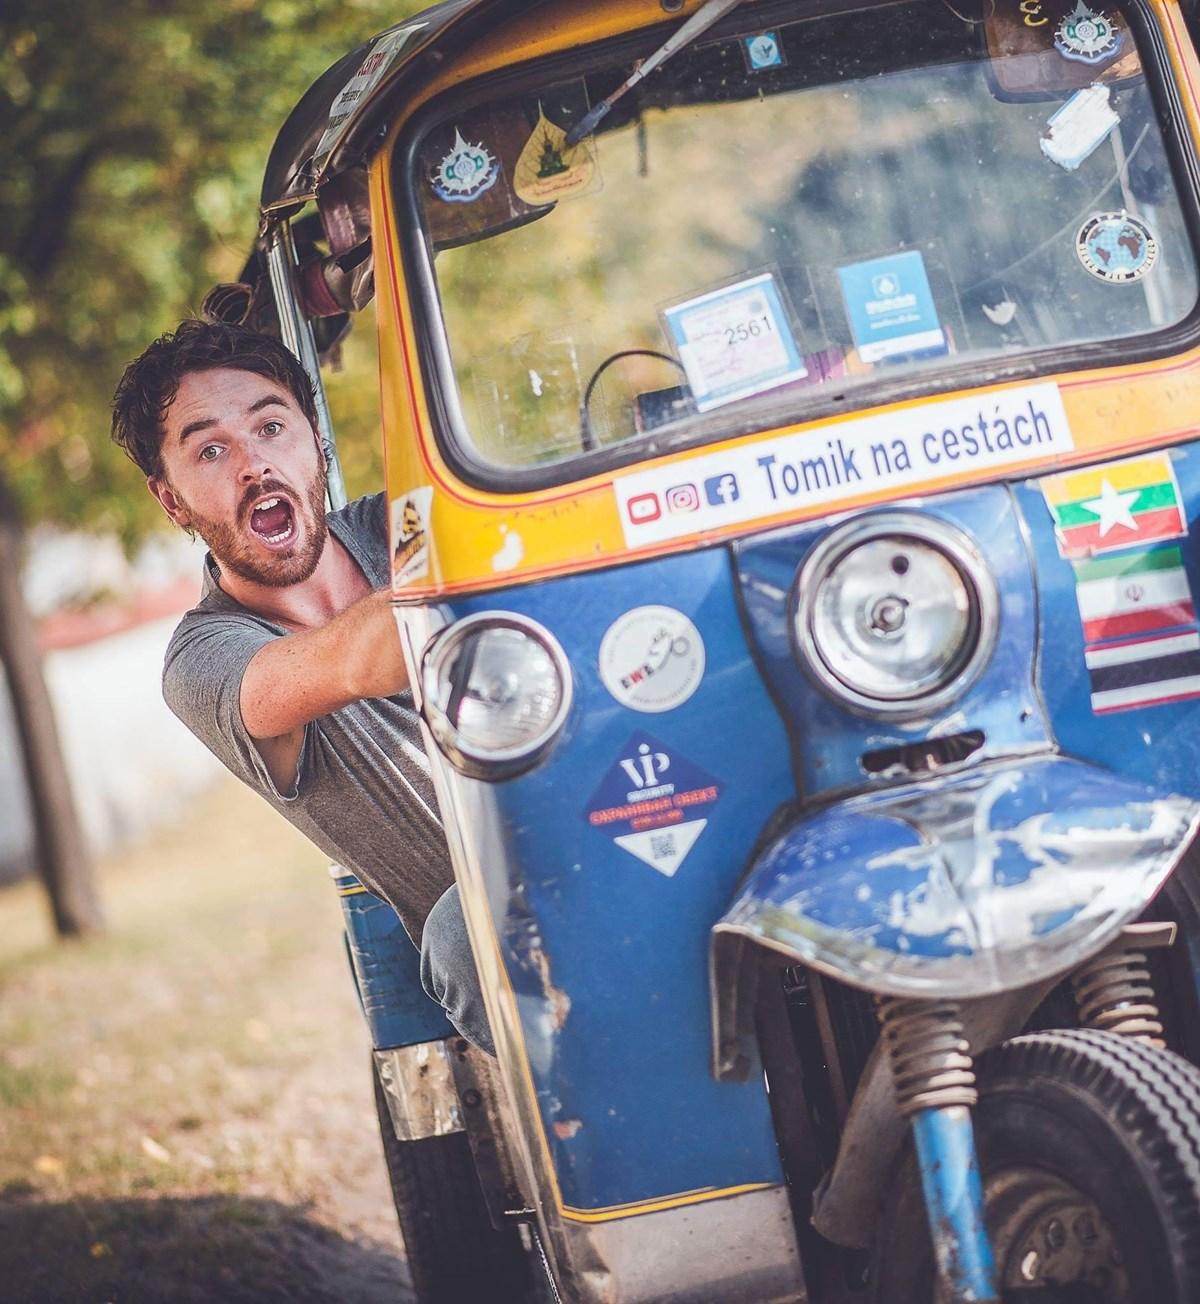 Tuktukem z Thajska až na Moravu s Tomíkem na cestách/ Třebíč